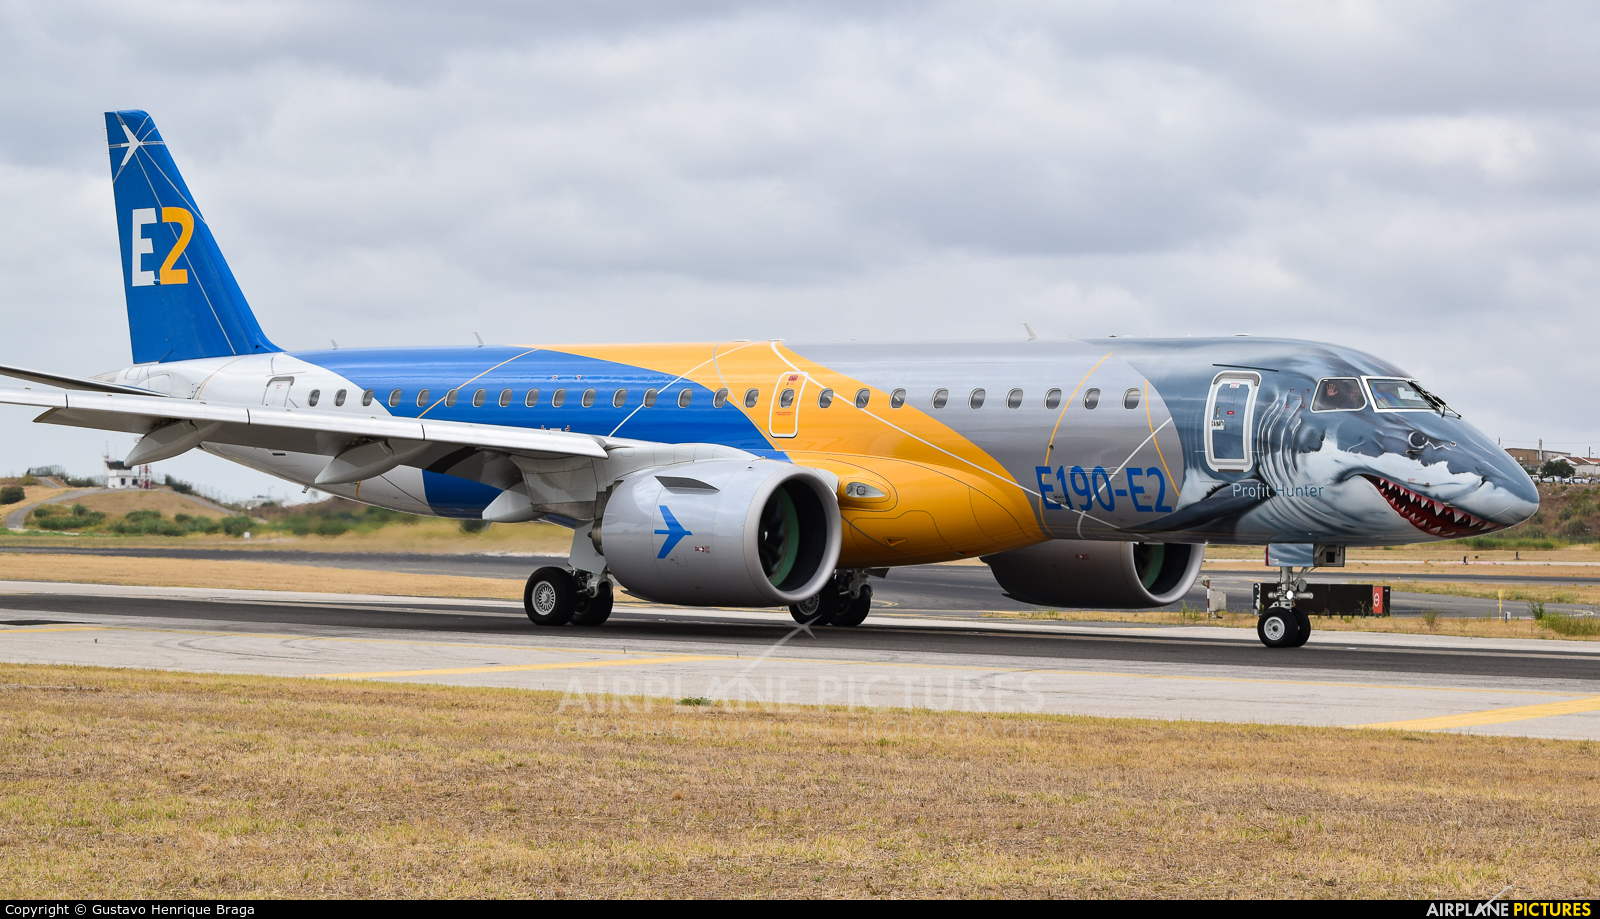 Embraer PR-ZGQ aircraft at Lisbon